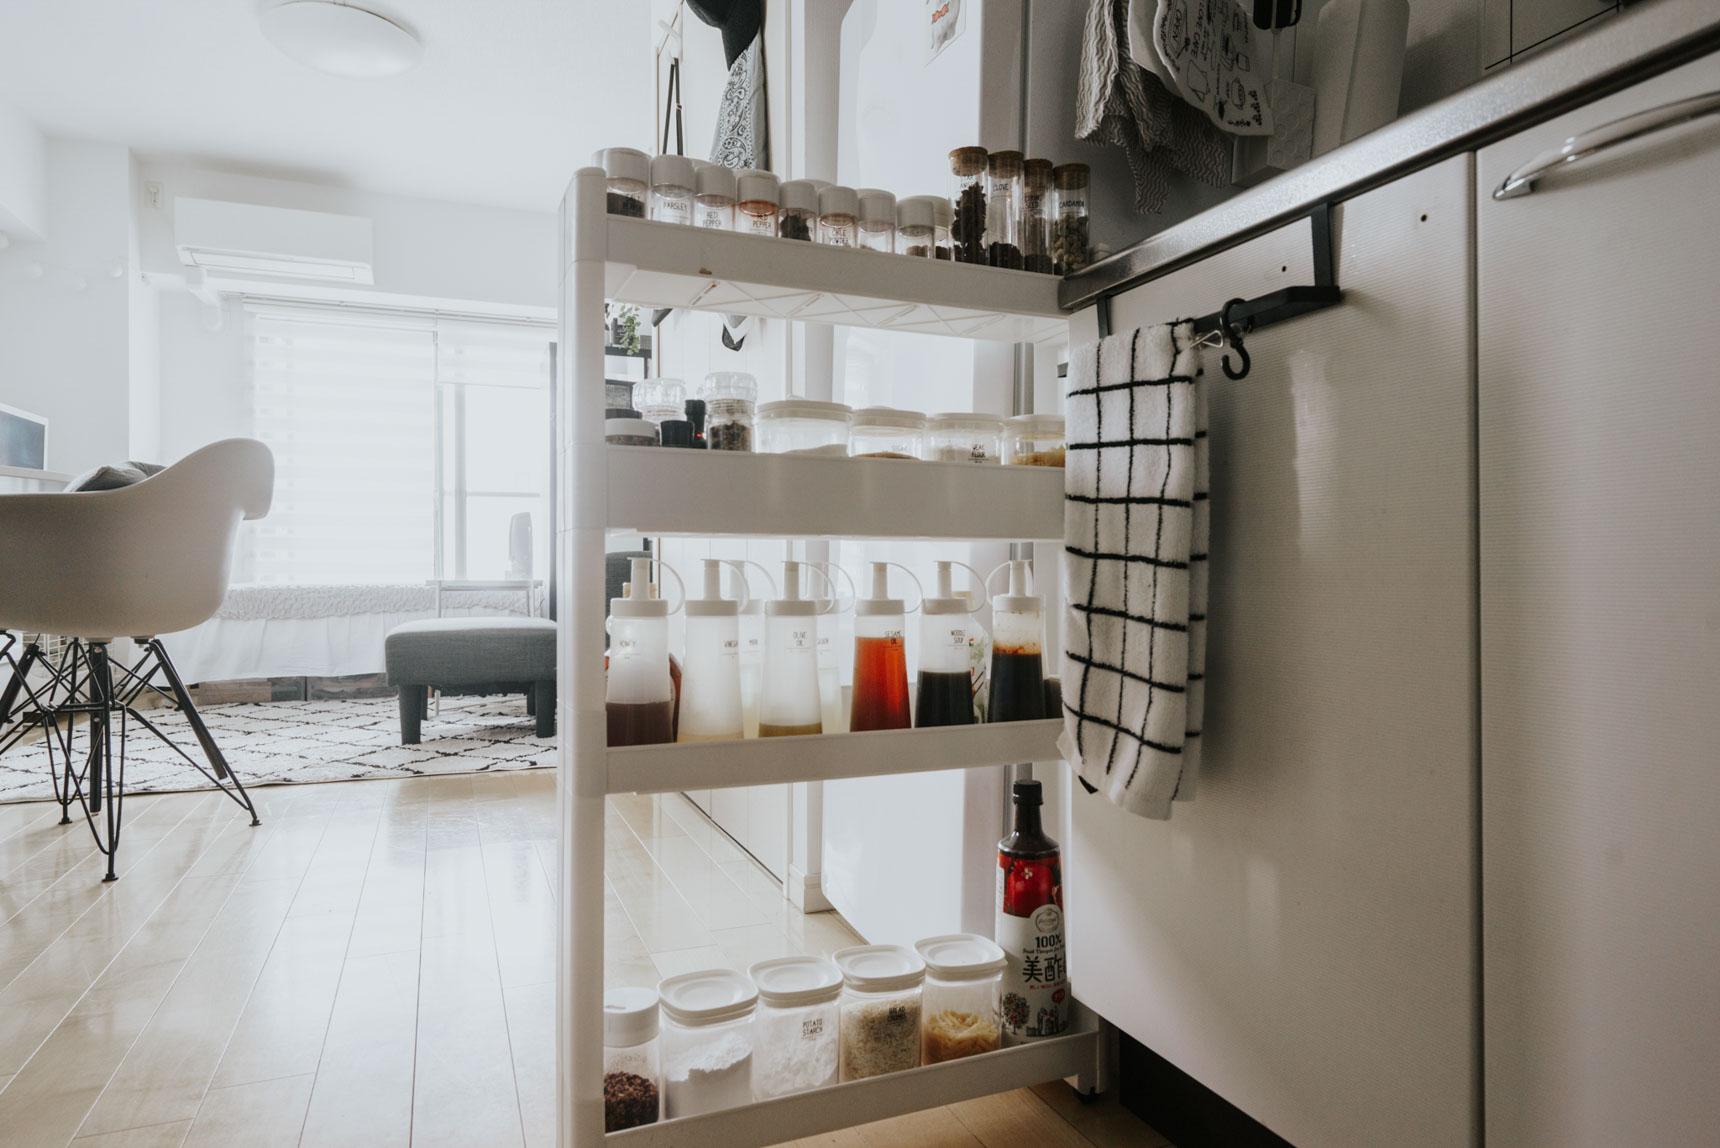 「キッチンと冷蔵庫の間の隙間」も狙い目。こちらは真っ白な見た目がシンプルで良いニトリの隙間収納。(このお部屋はこちら)